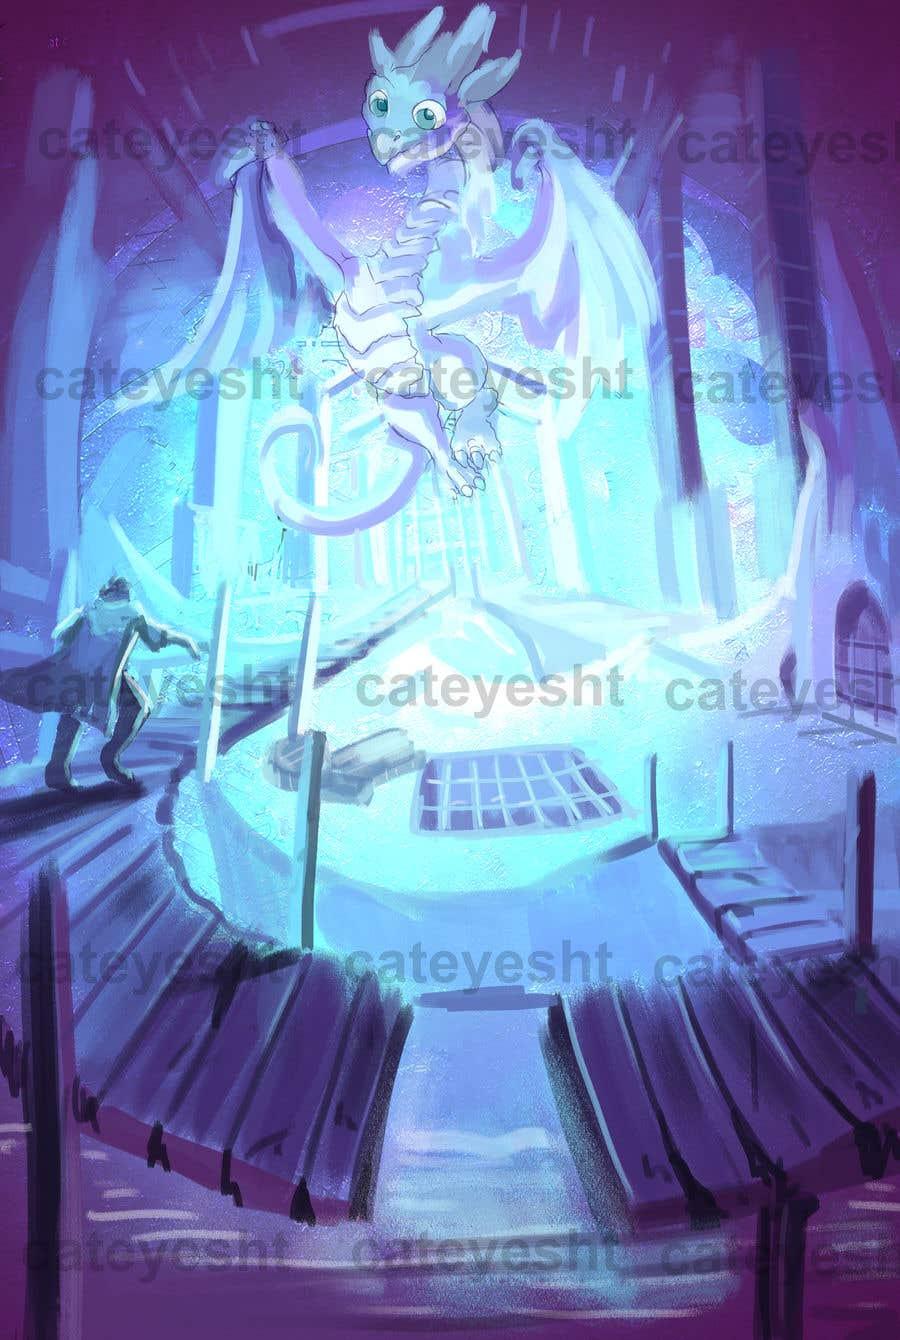 Penyertaan Peraduan #                                        40                                      untuk                                         Digital Illustration - Fantasy art